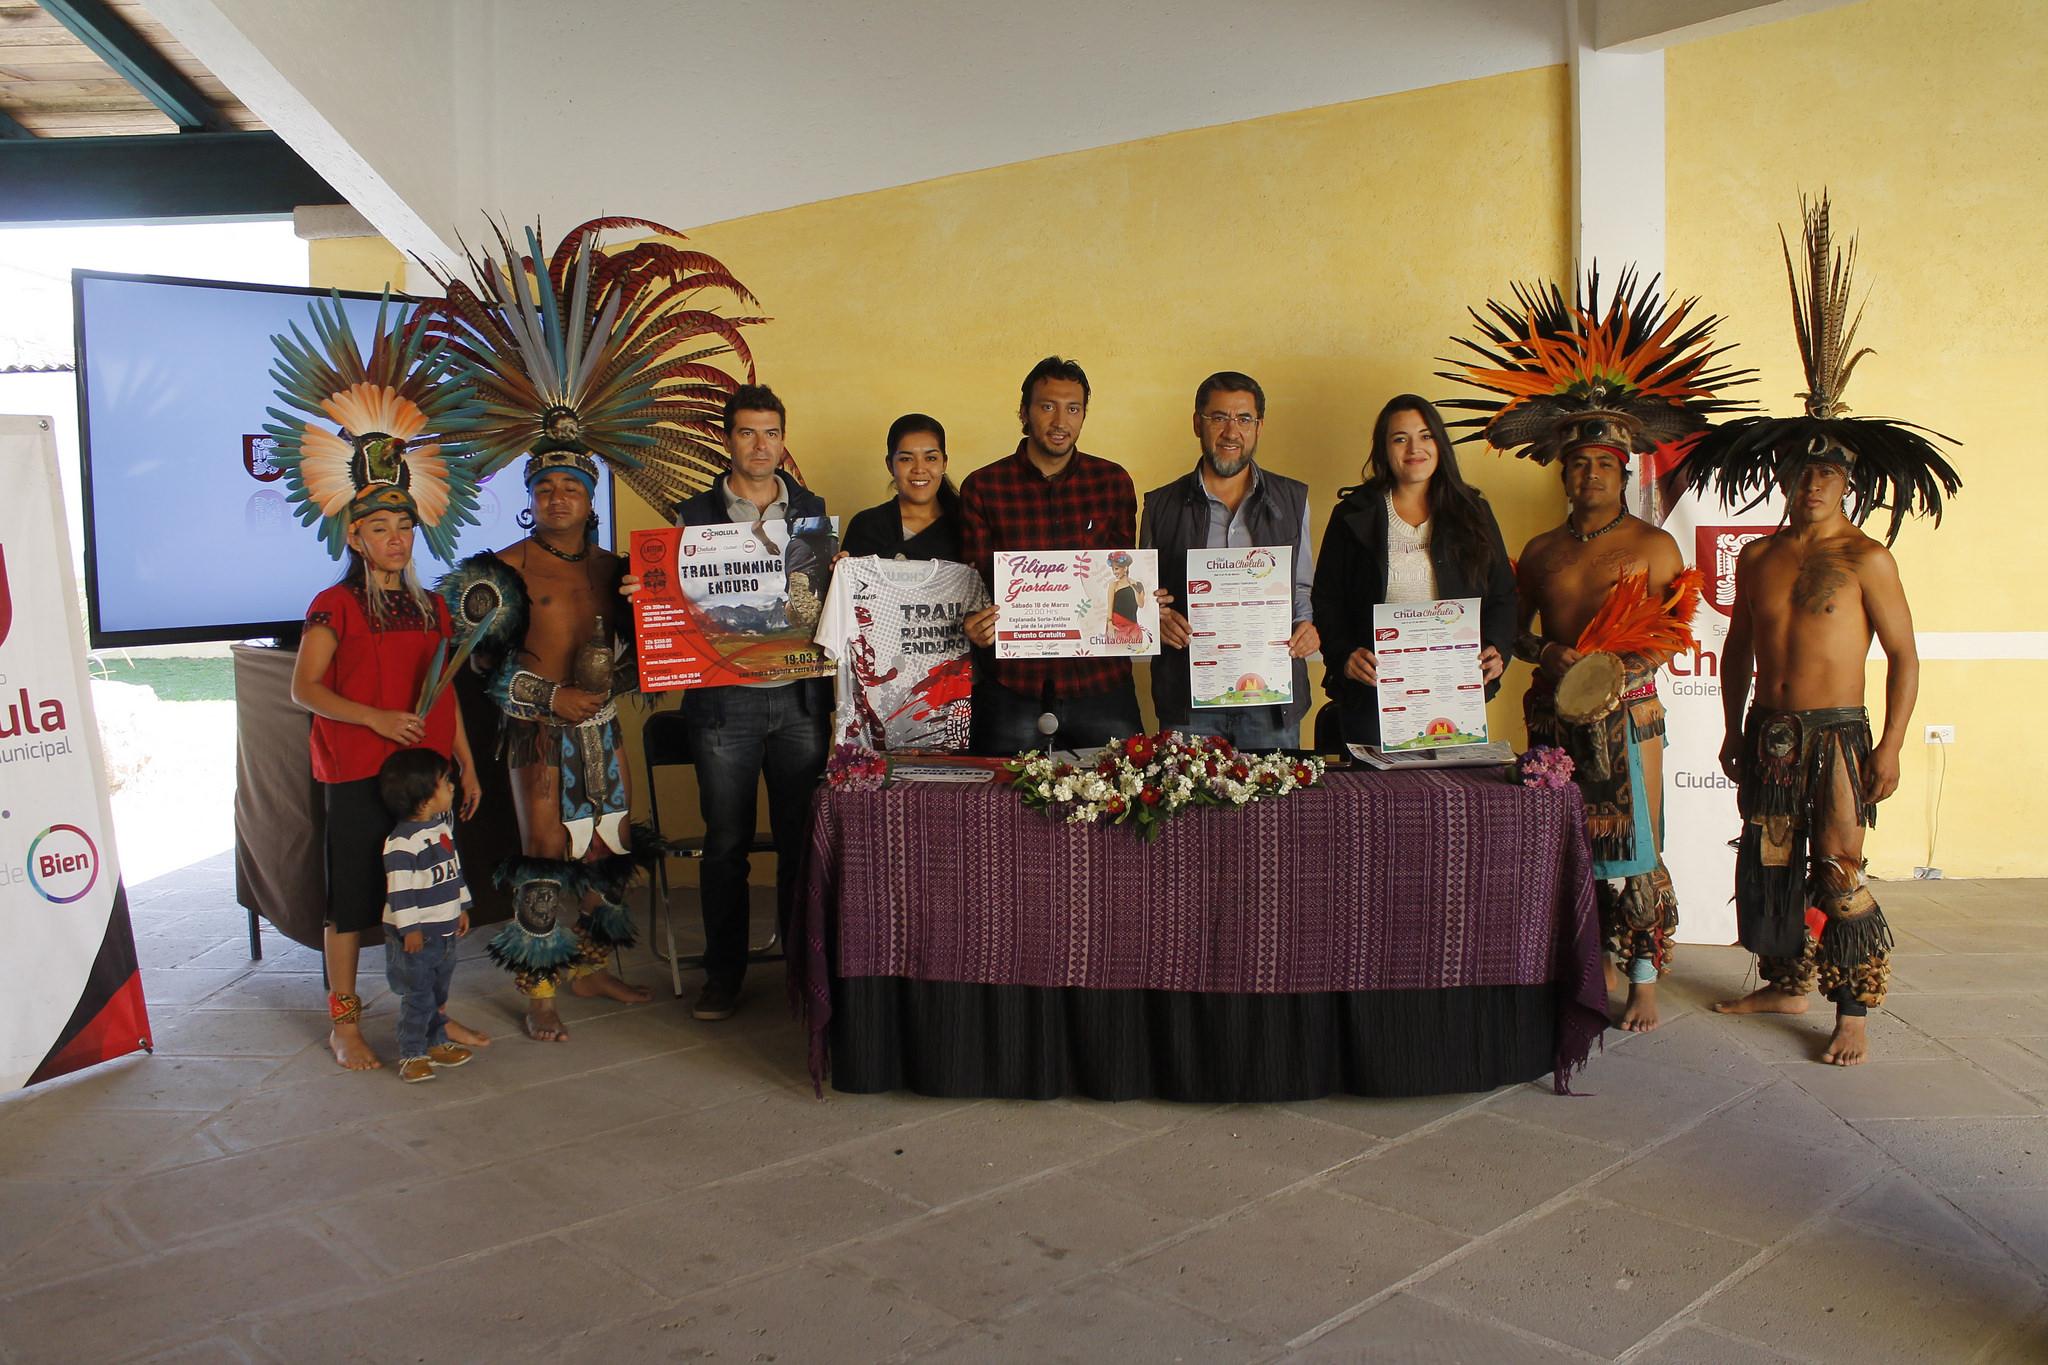 Presentan temporada cultural Que Chula Cholula 2017